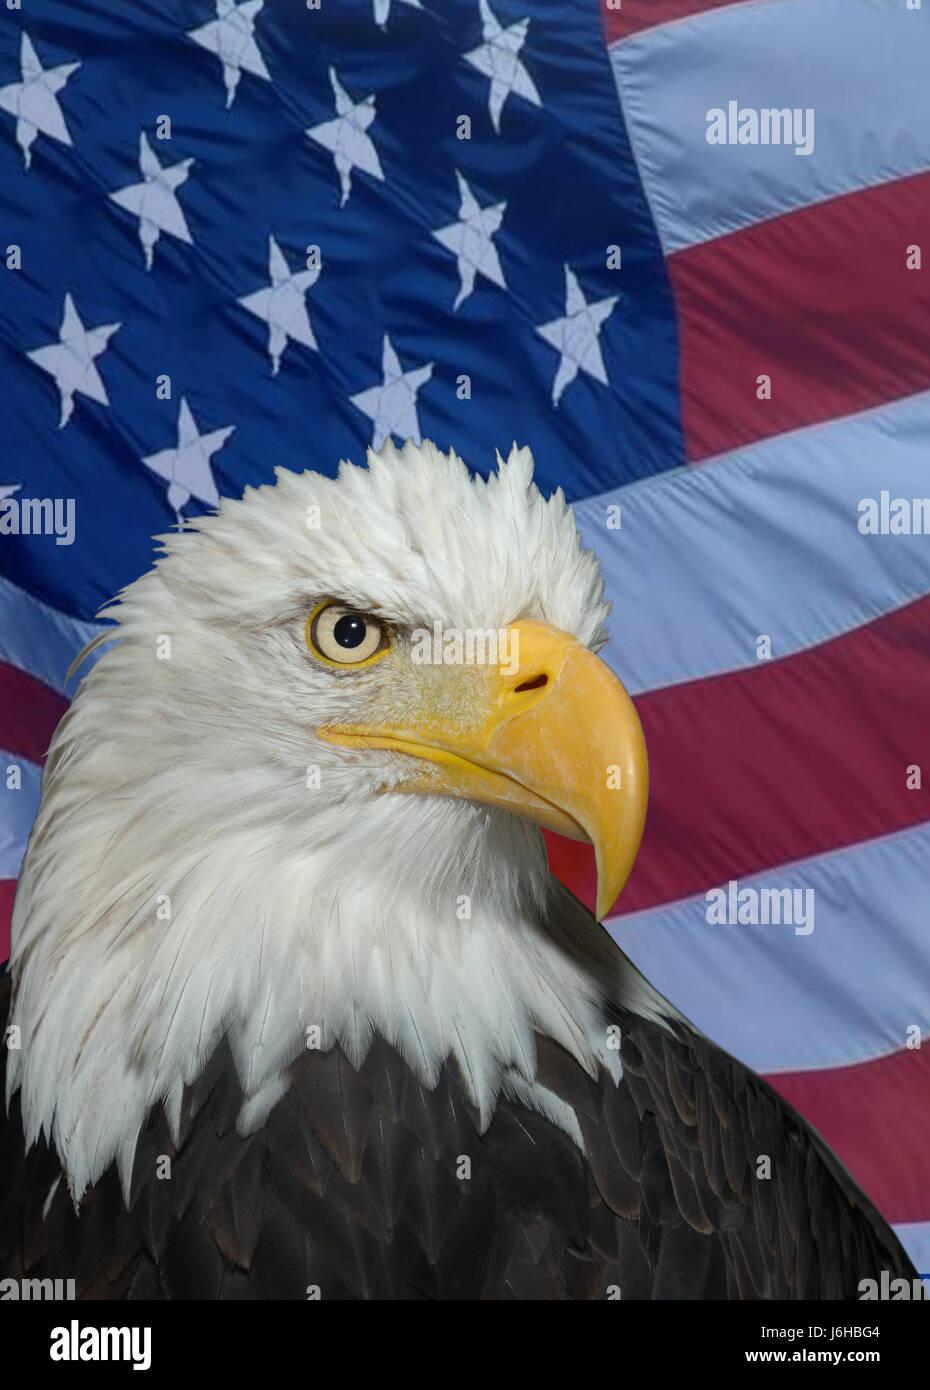 Nett Amerikanische Adler Färbung Seite Fotos - Beispiel ...